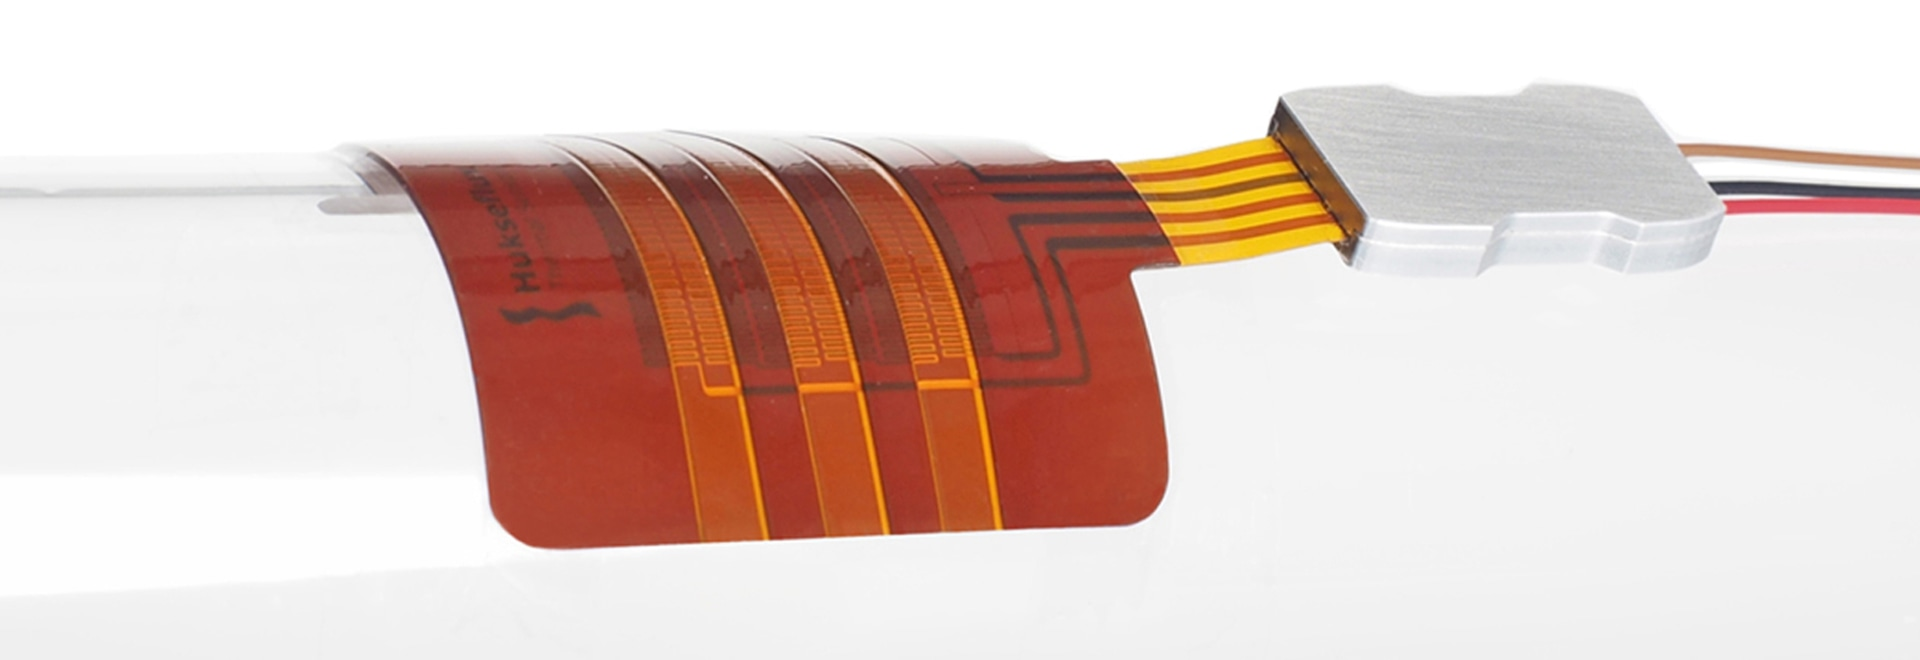 Hitzefluss-Sensor der Folie FHF01